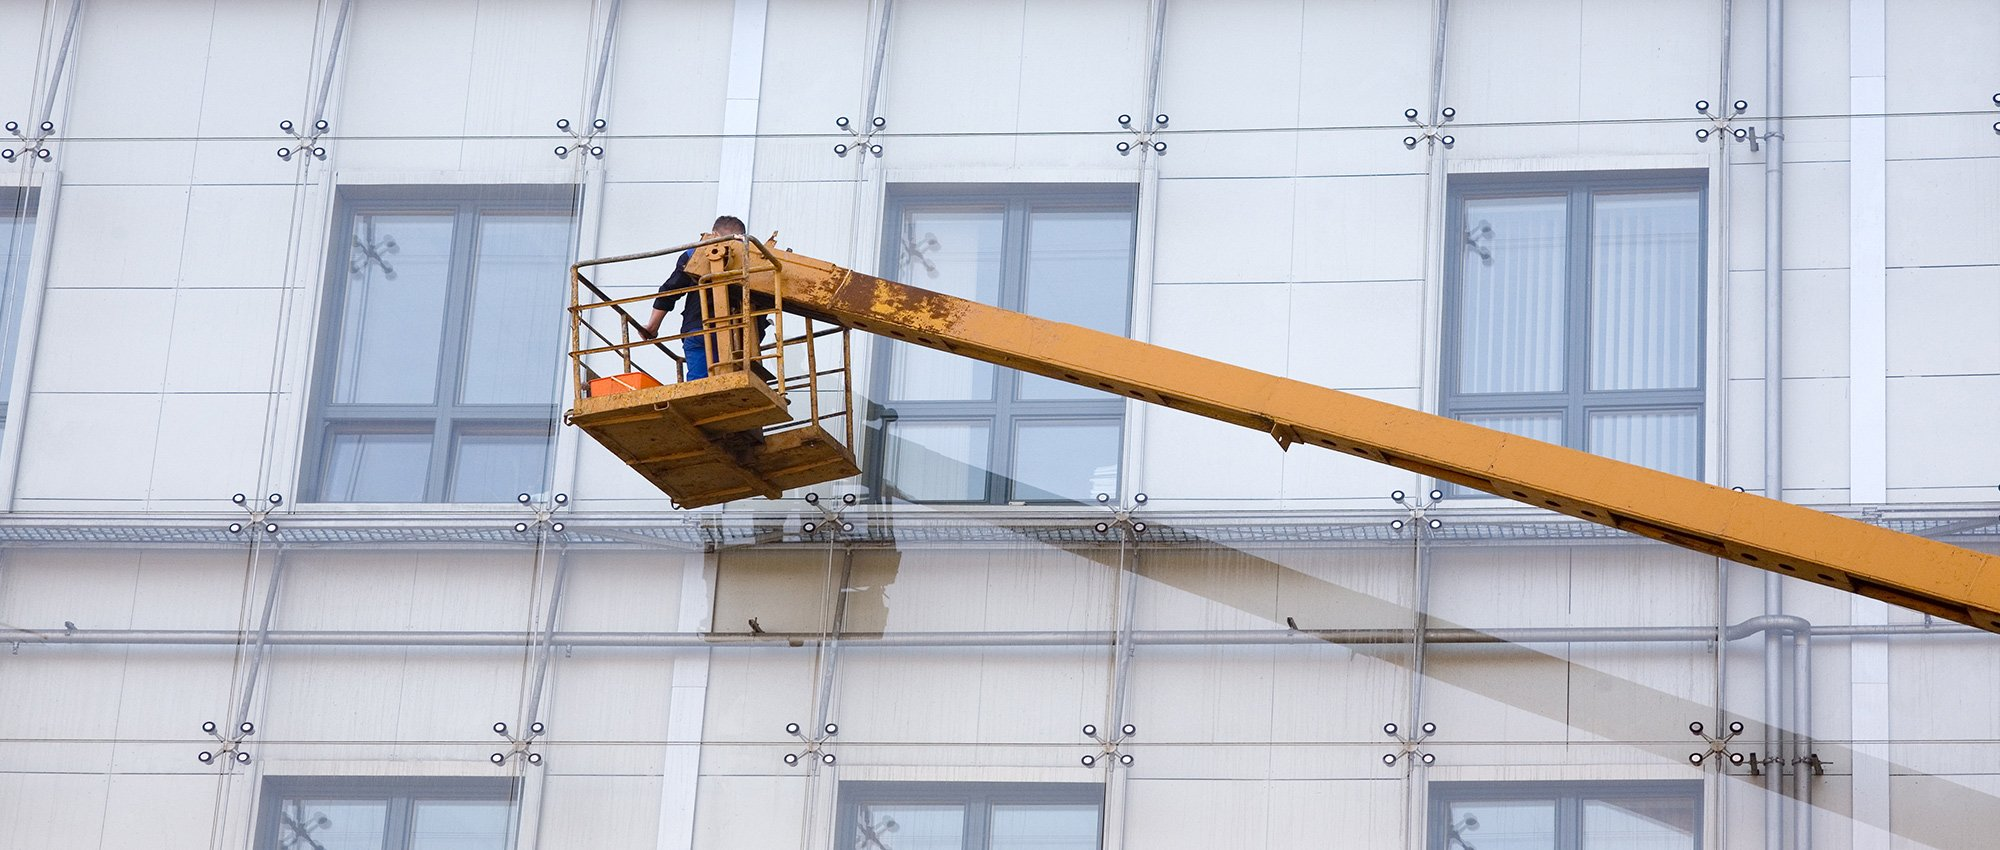 Operaio lavora sulla piattaforma aerea a Pavia e Piacenza